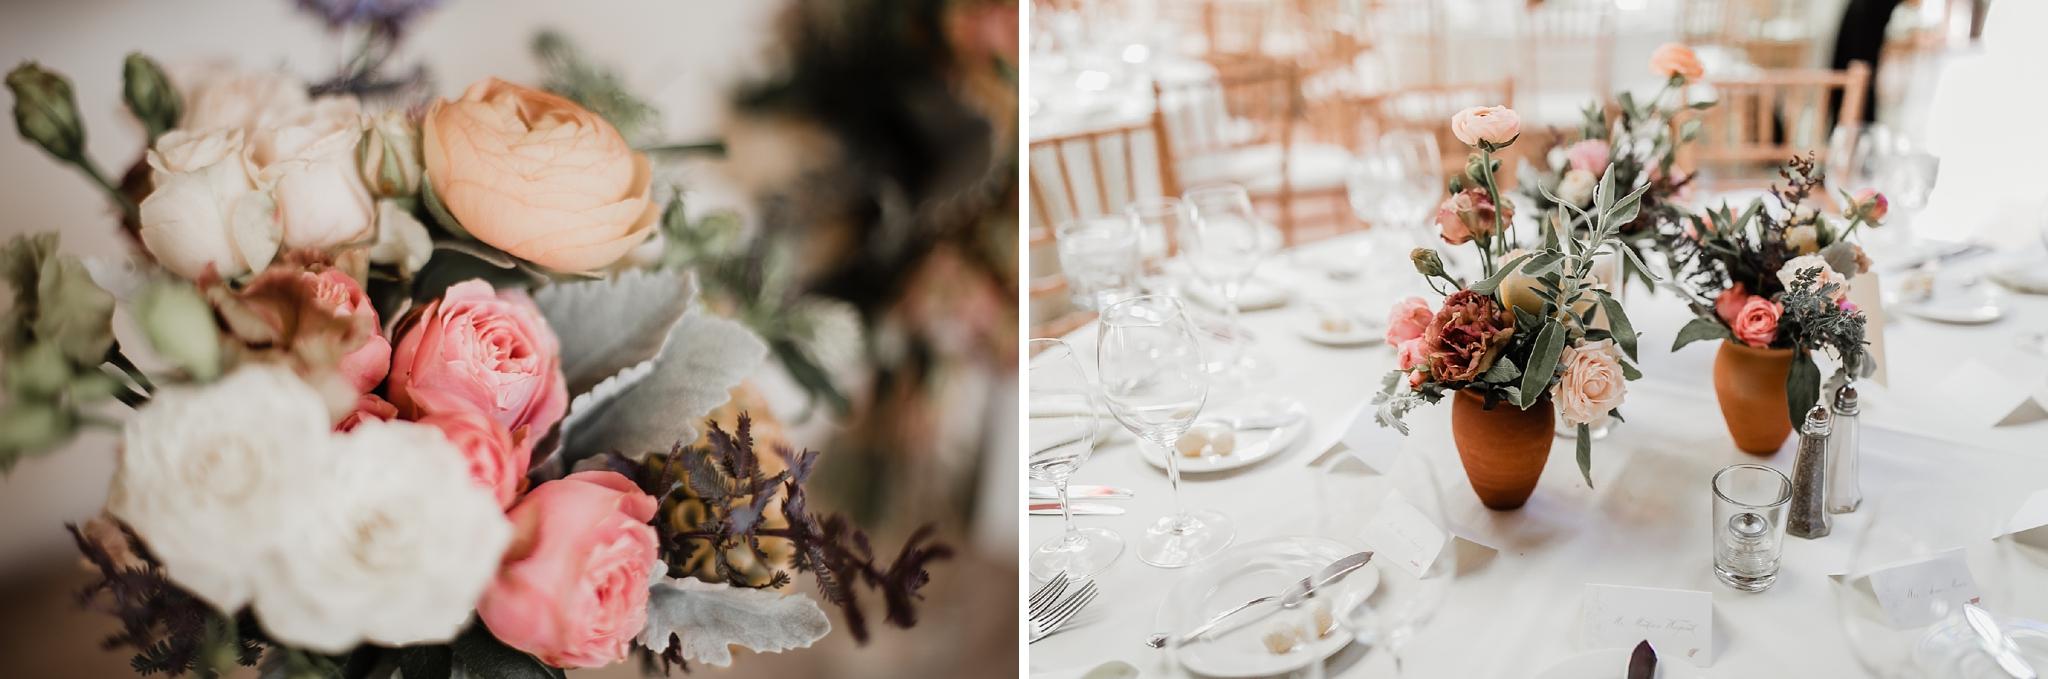 Alicia+lucia+photography+-+albuquerque+wedding+photographer+-+santa+fe+wedding+photography+-+new+mexico+wedding+photographer+-+new+mexico+wedding+-+summer+wedding+-+summer+wedding+florals+-+southwest+wedding_0045.jpg